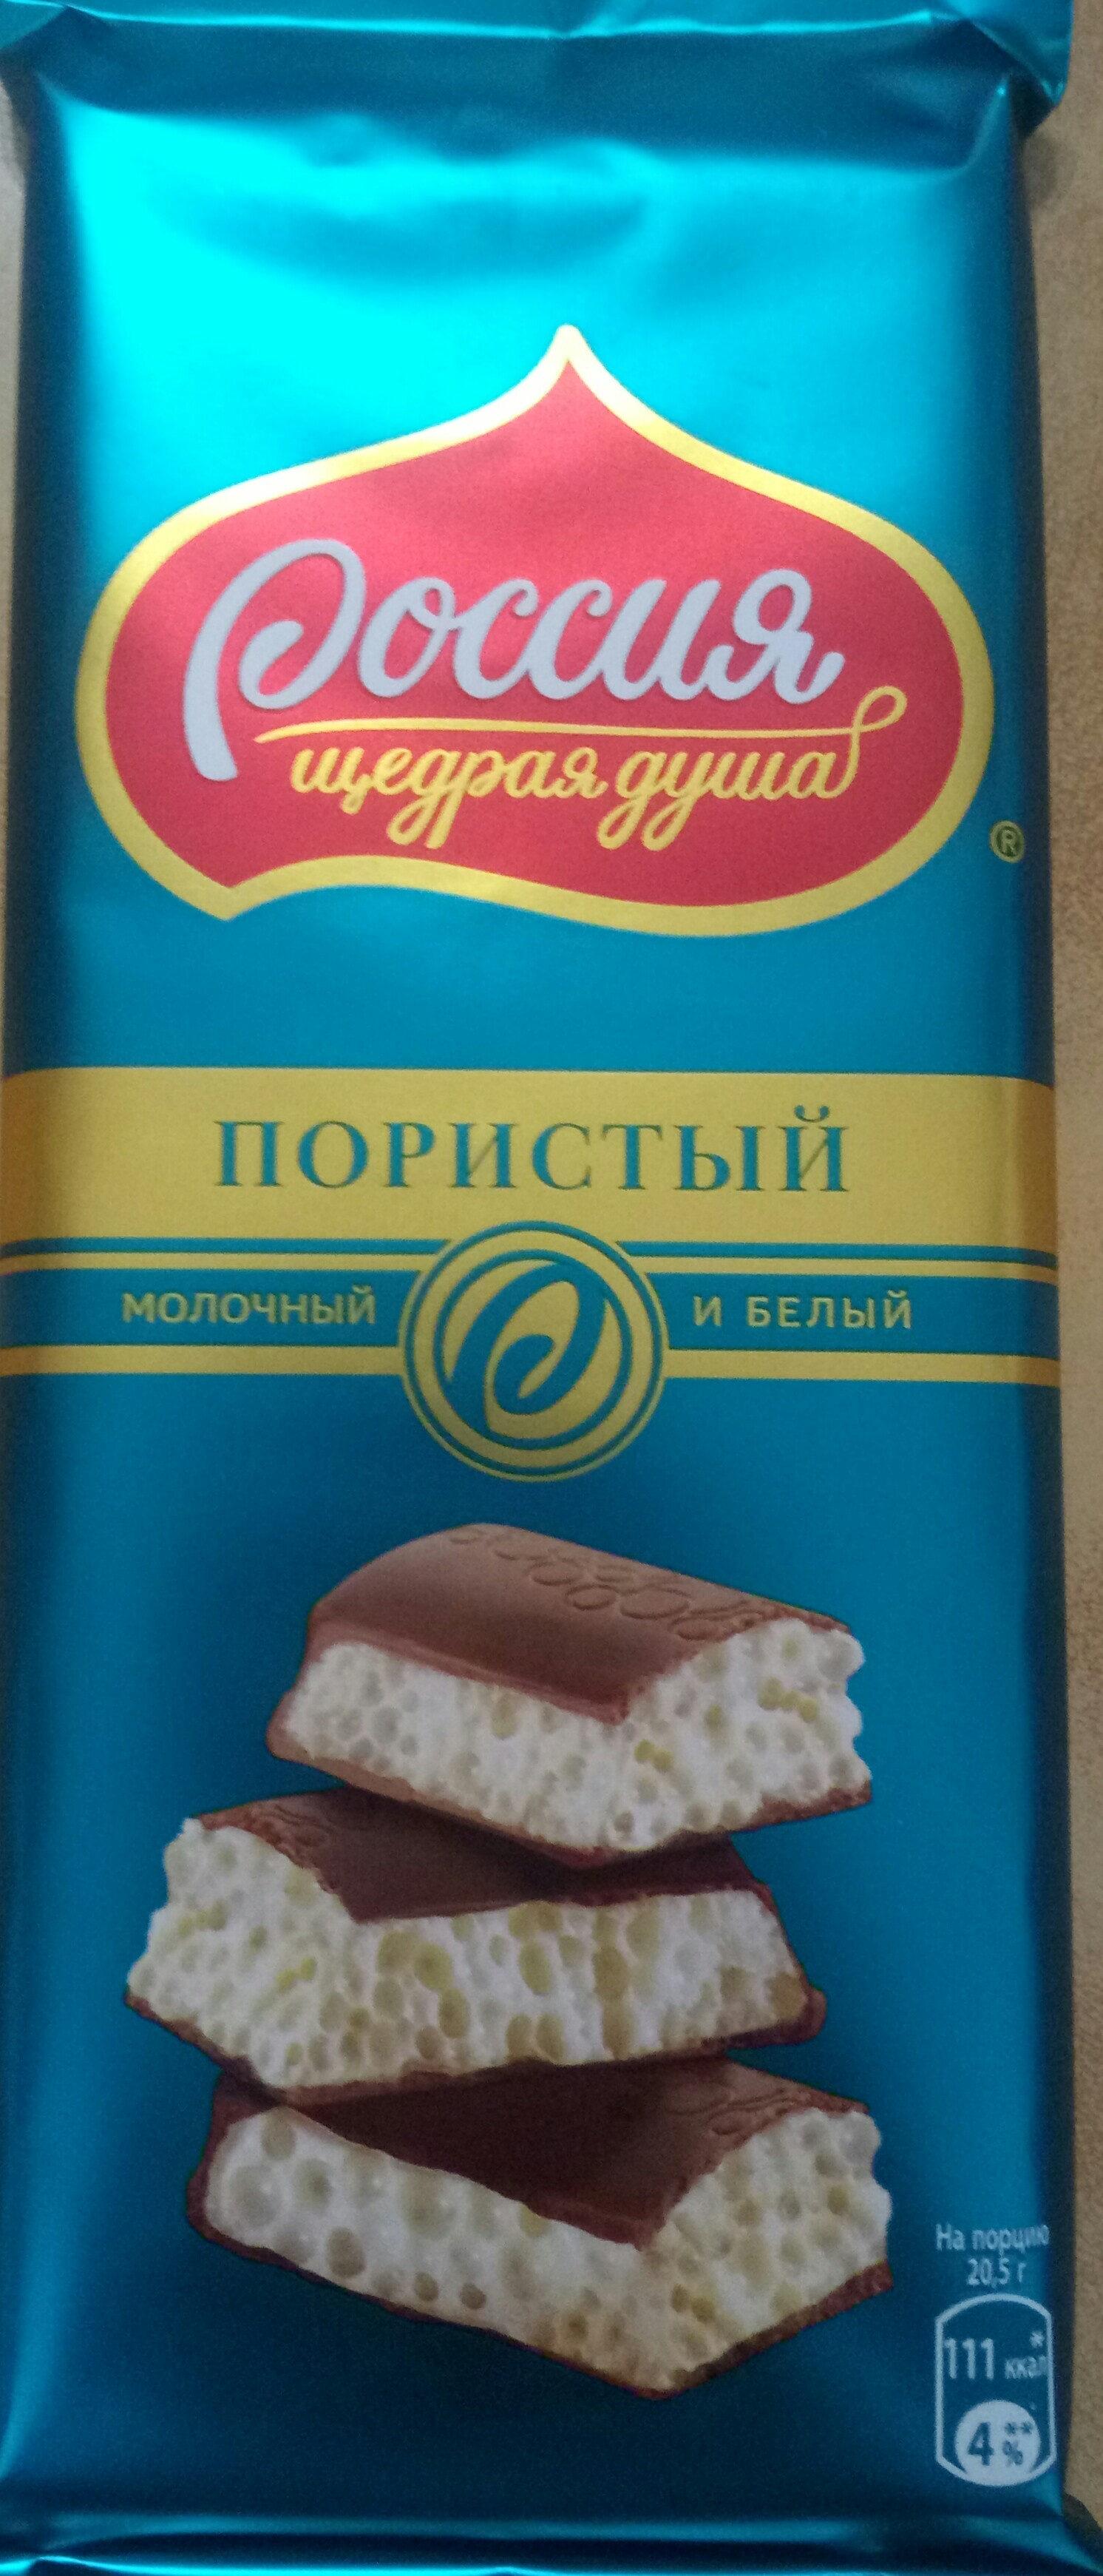 Пористый молочный и белый - Produit - ru